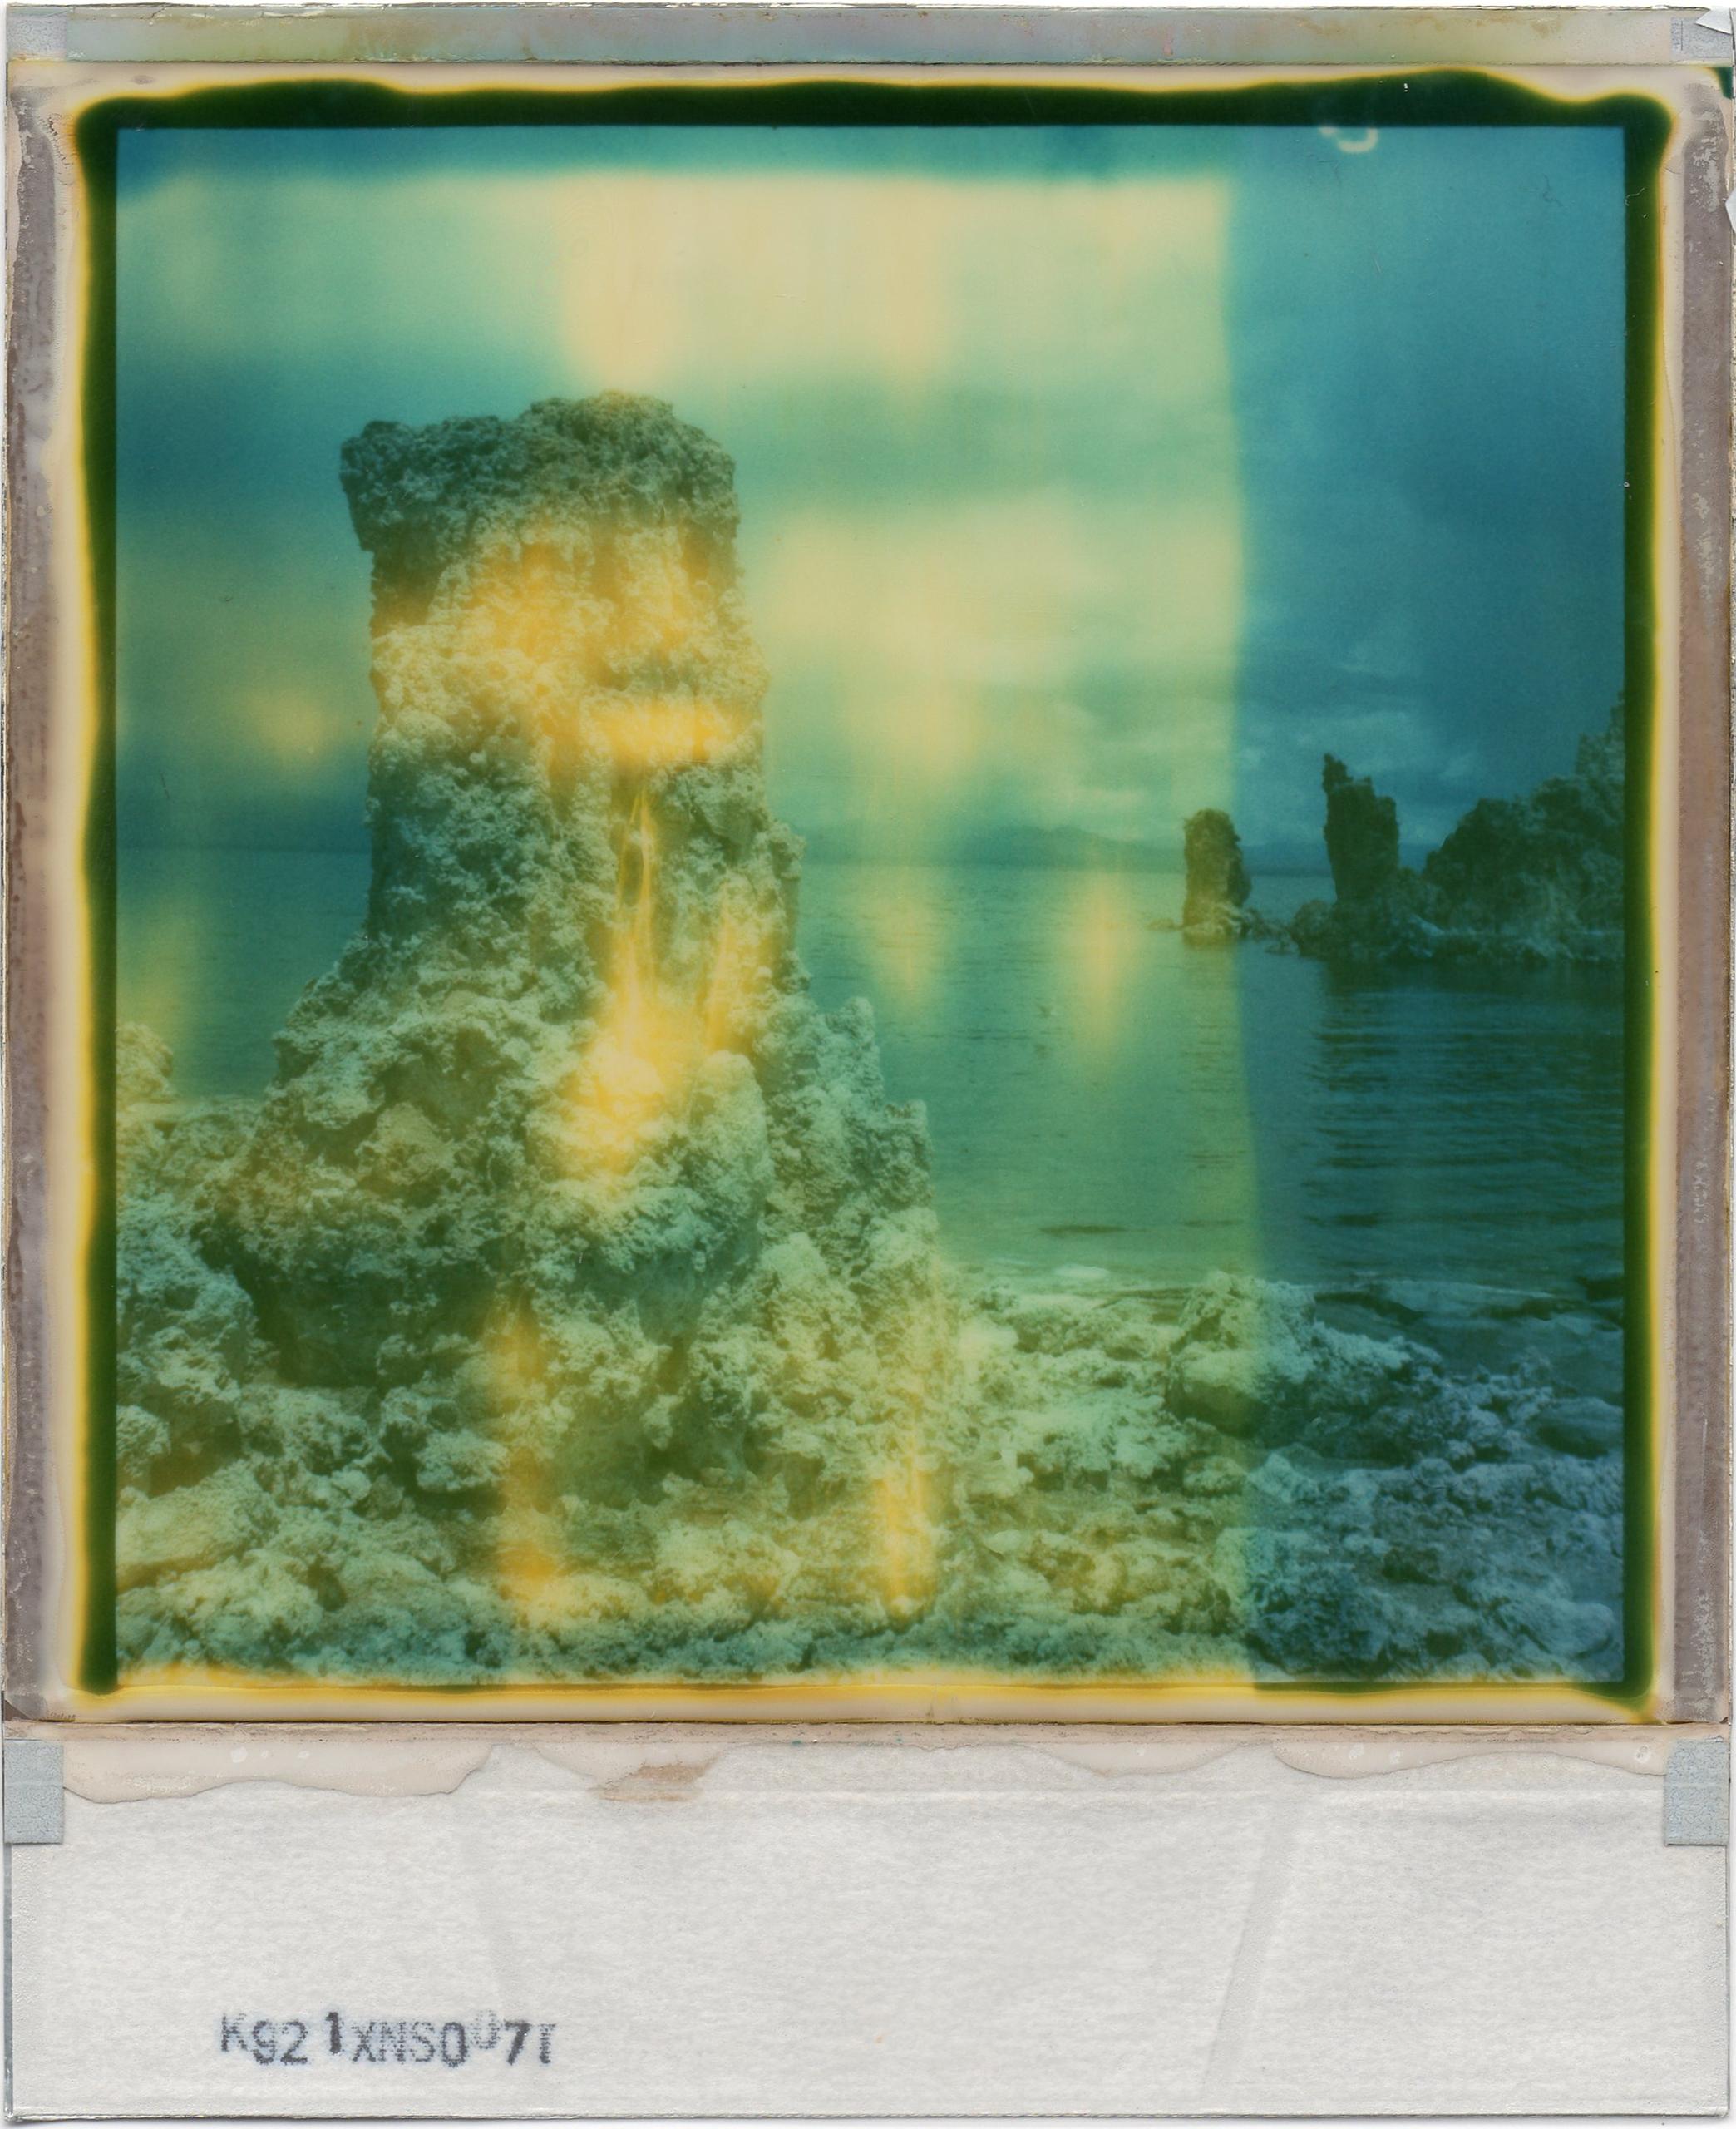 Mono Lake | Polaroid SX70 Sonar | Polaroid 70 (Expired) | Julia Beyer | @juliabeyer